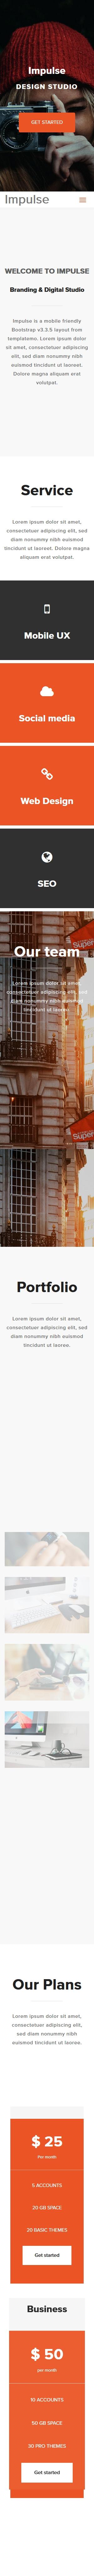 设计工作室类英文网站建设模板手机图片